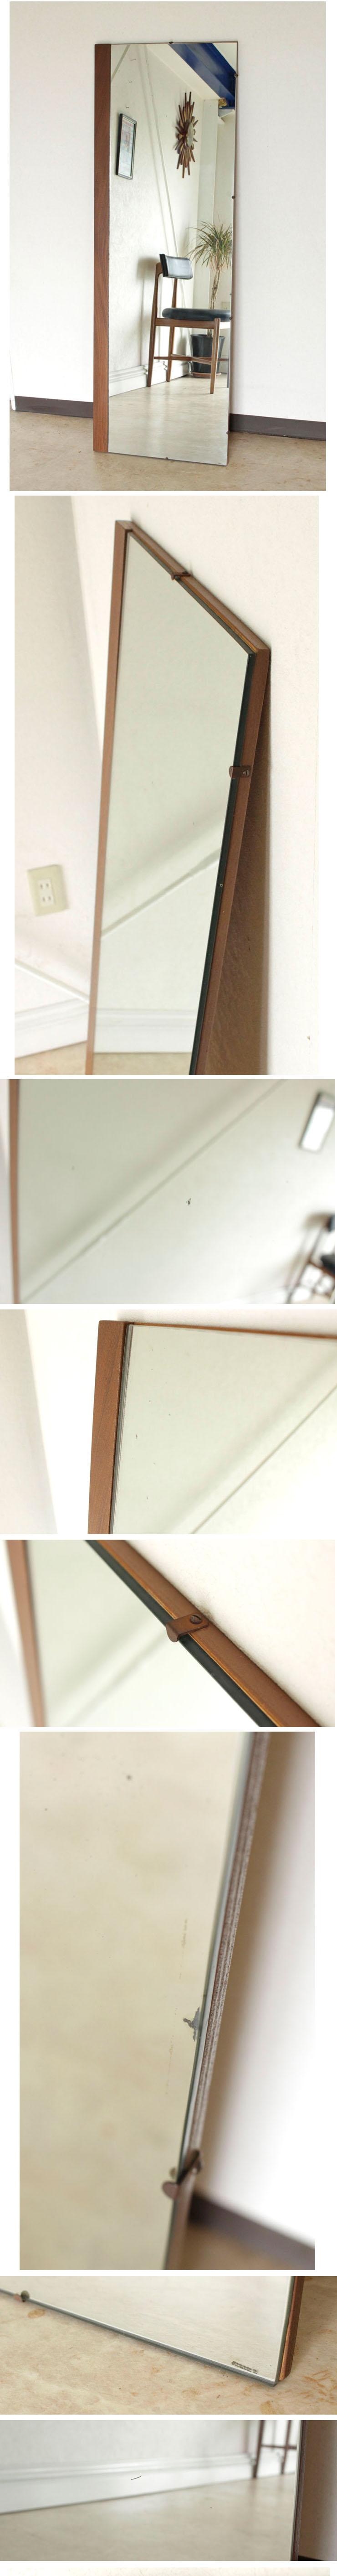 イギリス・ミラー・姿見・全身鏡・ミッドセンチュリー・ビンテージ・アンティーク・雑貨